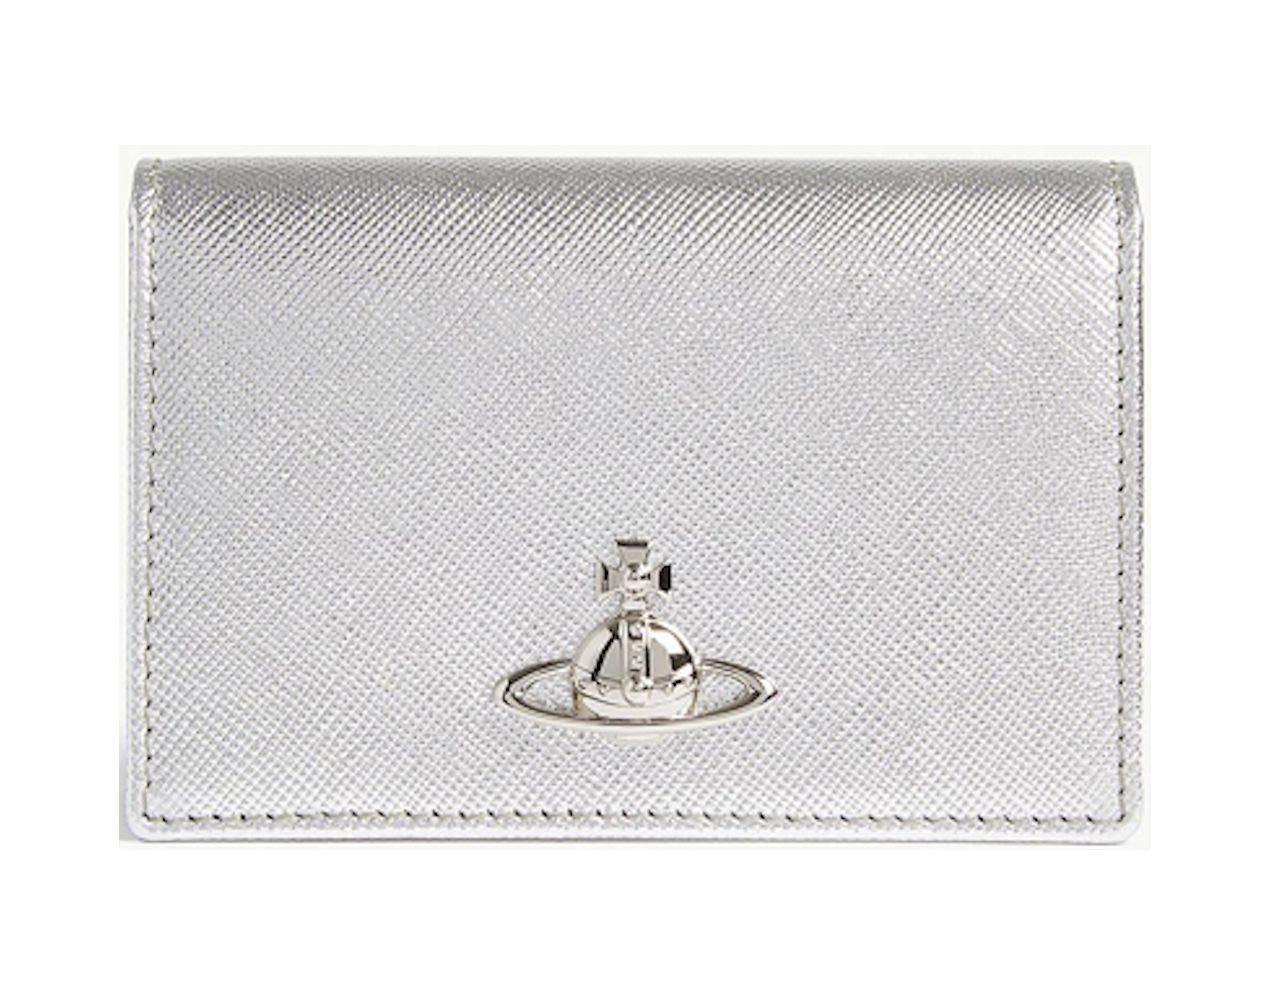 英国 Vivienne Westwood [ヴィヴィアンウエストウッド] カードホルダー パスケース 定期入れ シルバー 本革 イタリア製 Pimlico Silver [並行輸入品]   B07N1GPYV4